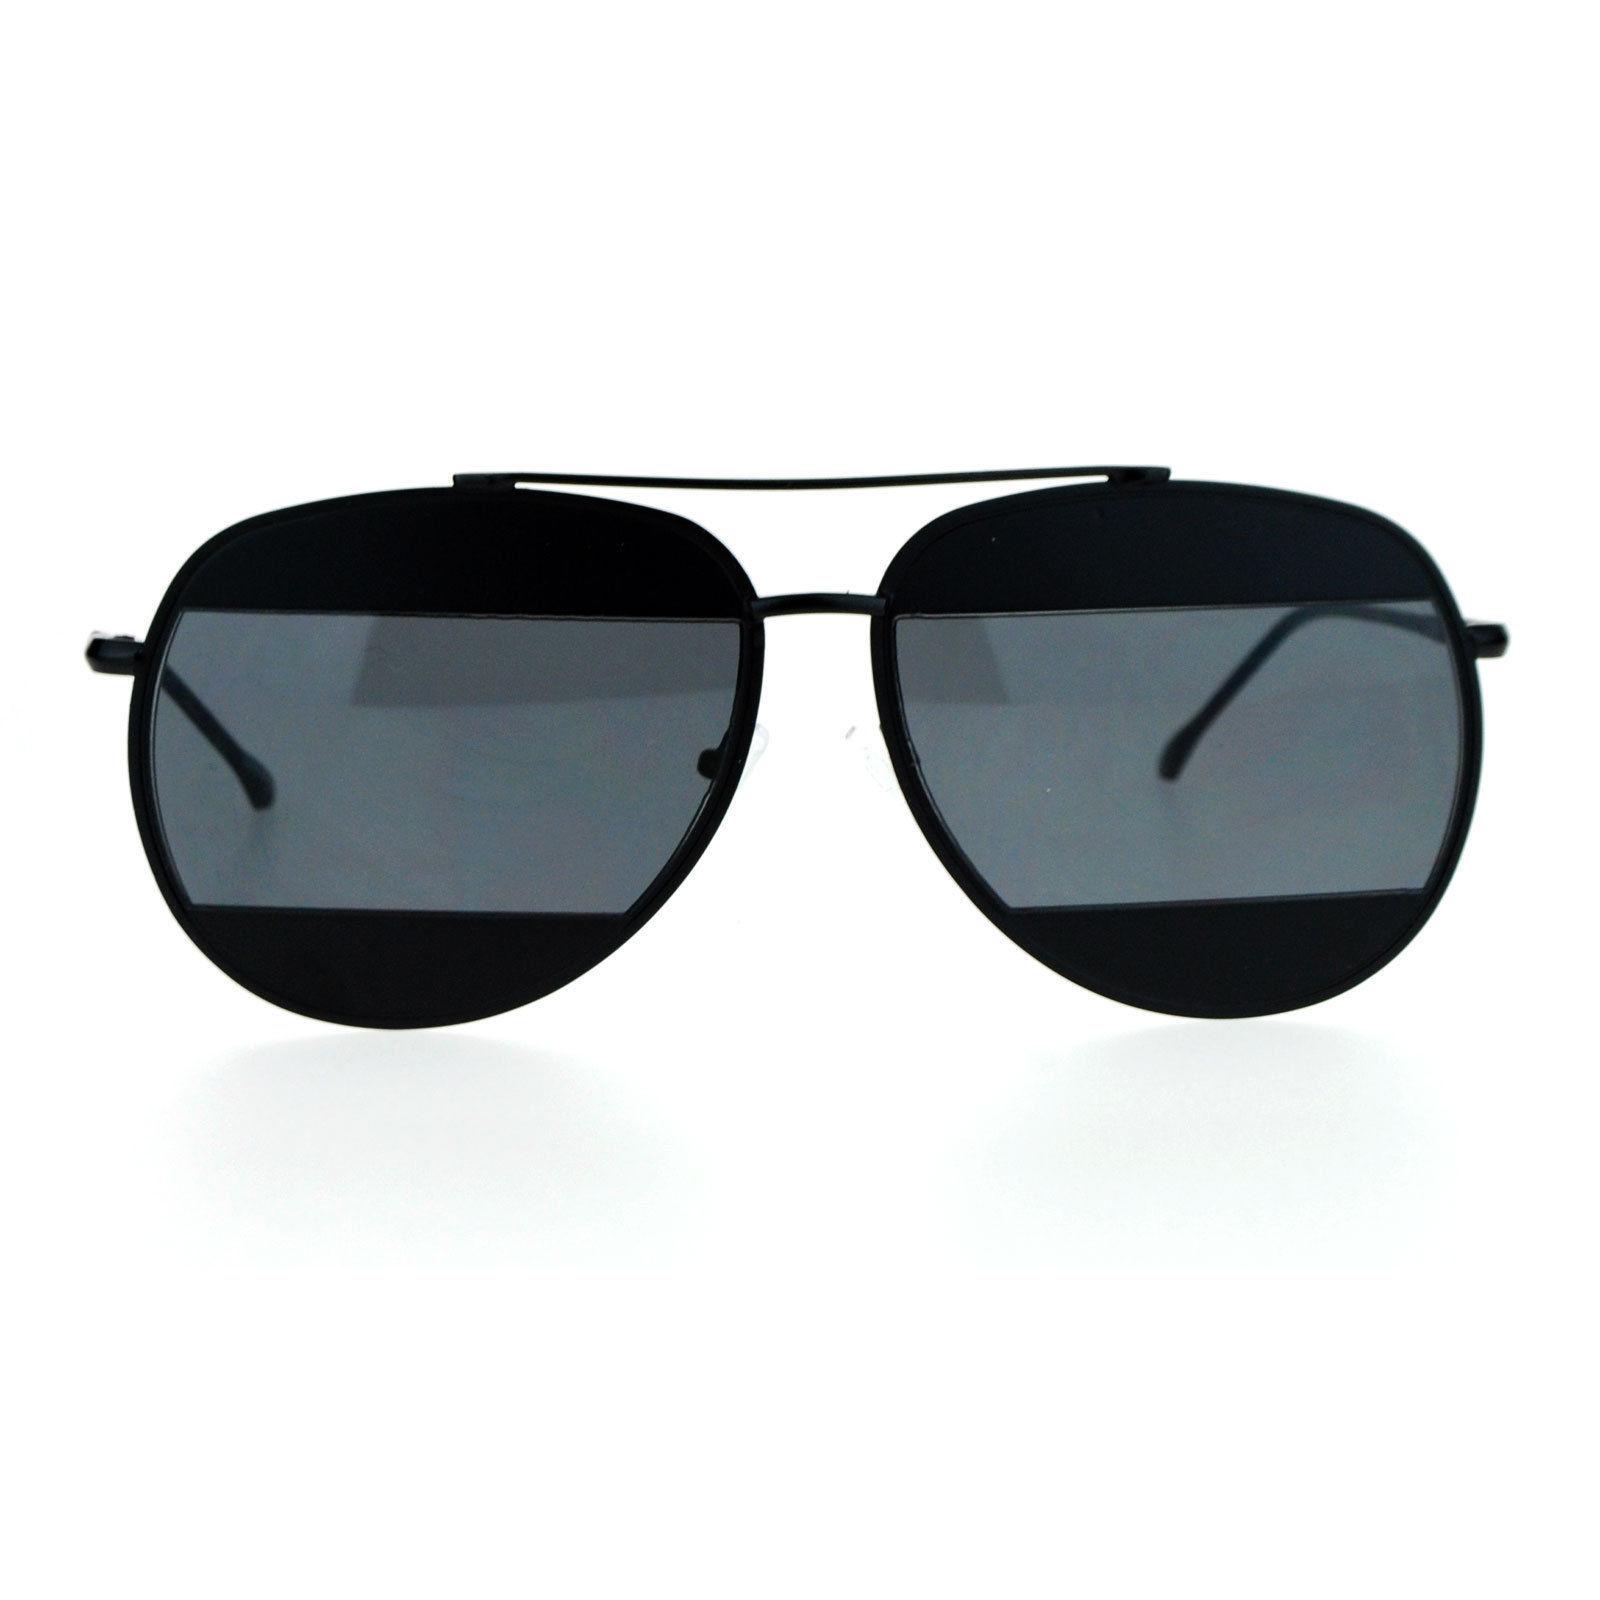 Unique Unisex Aviator Sunglasses Oversized Metal Block Frame Aviators